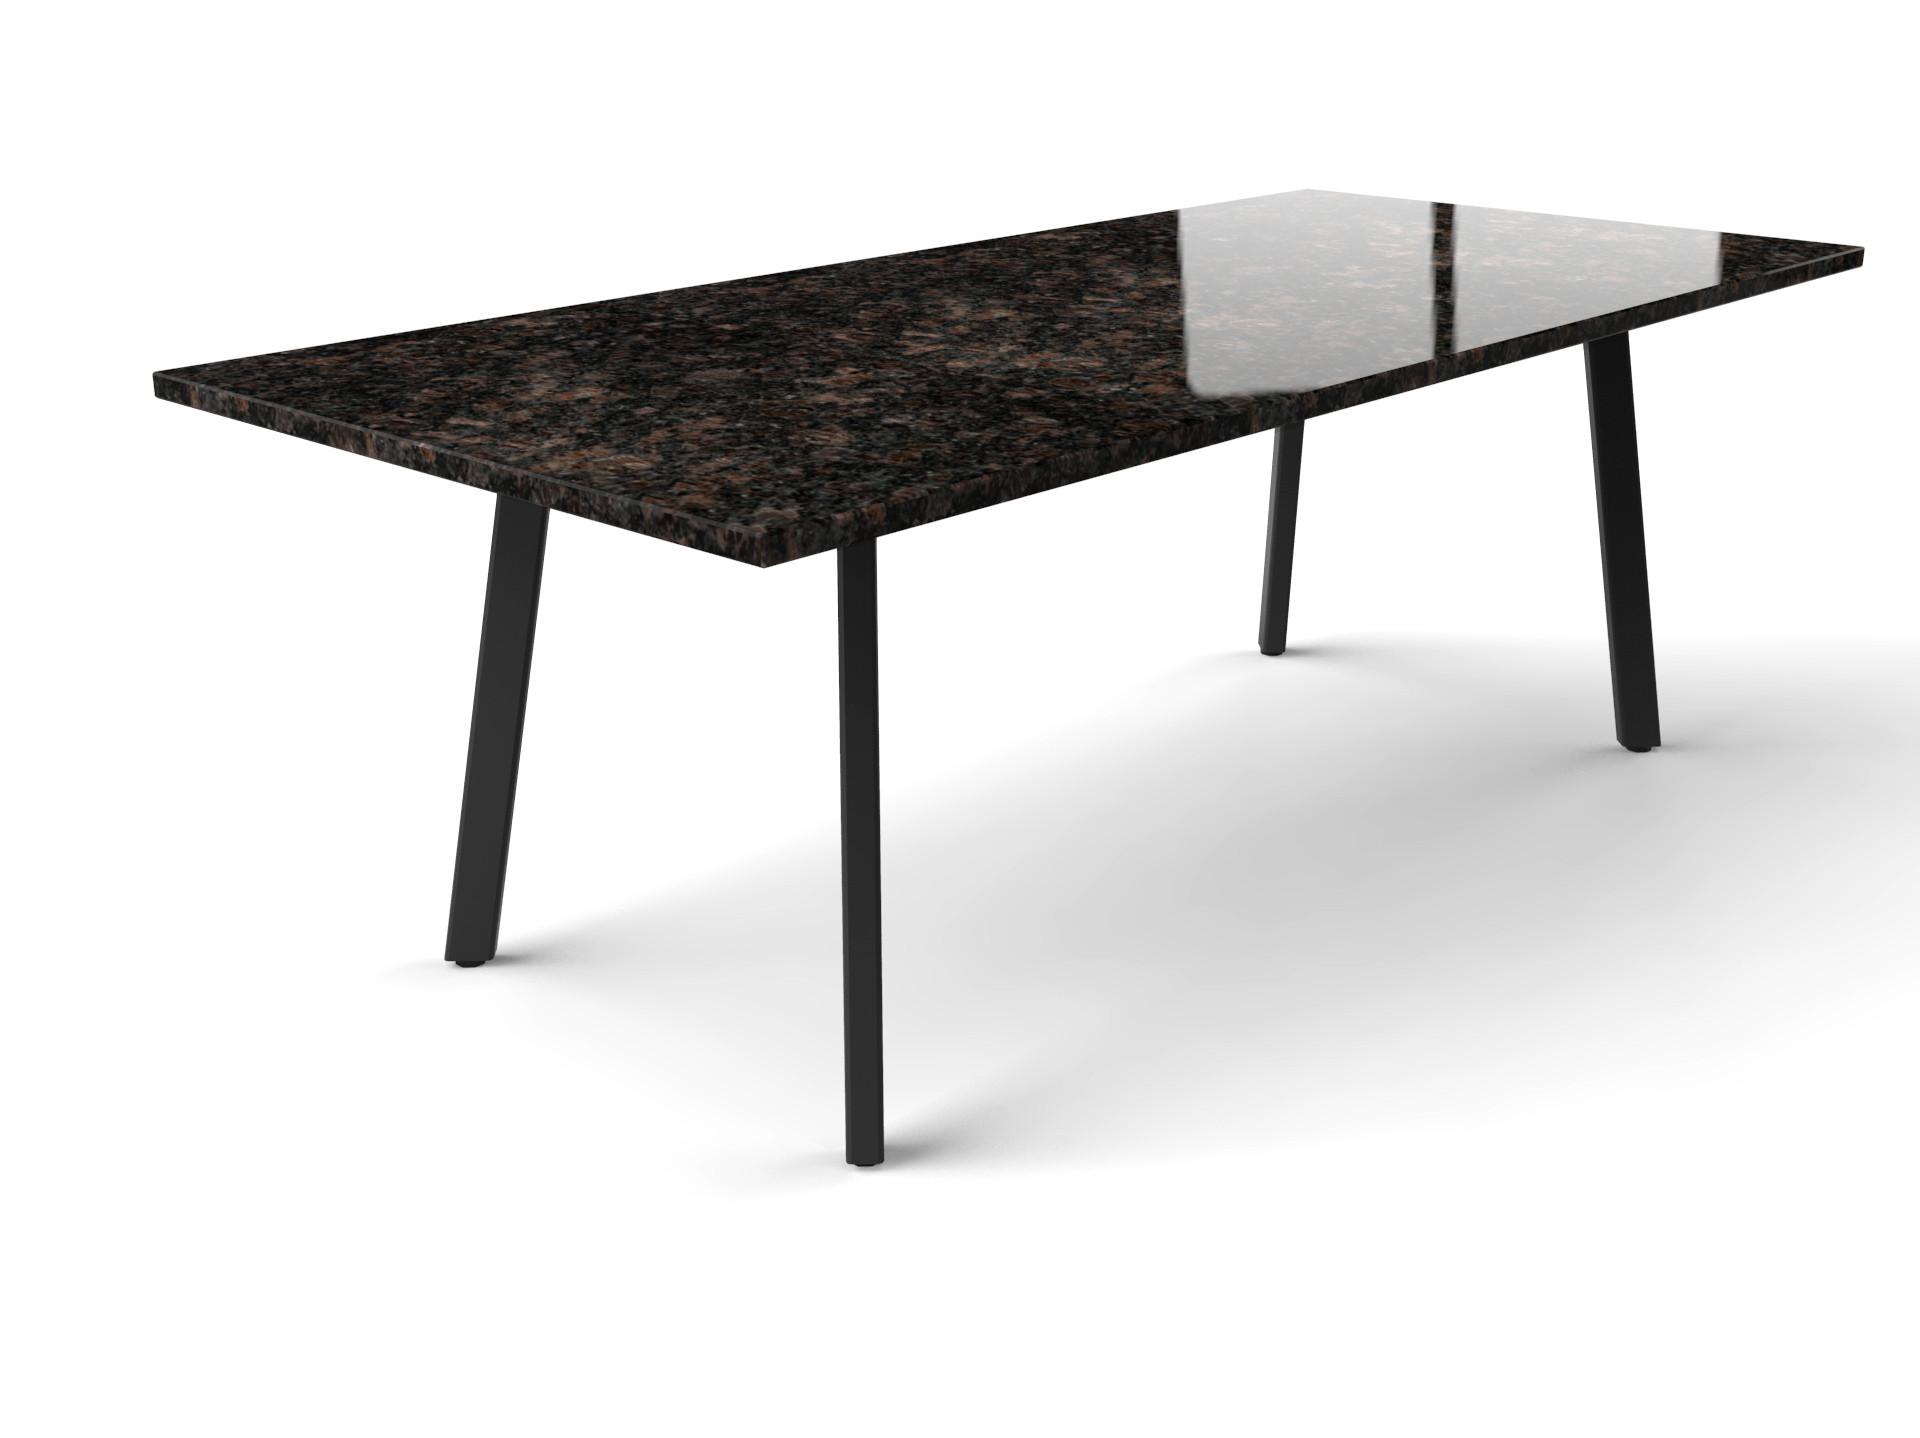 Esstisch aus Granit mit Imperia-Tischgestell aus beschichtetem Stahl